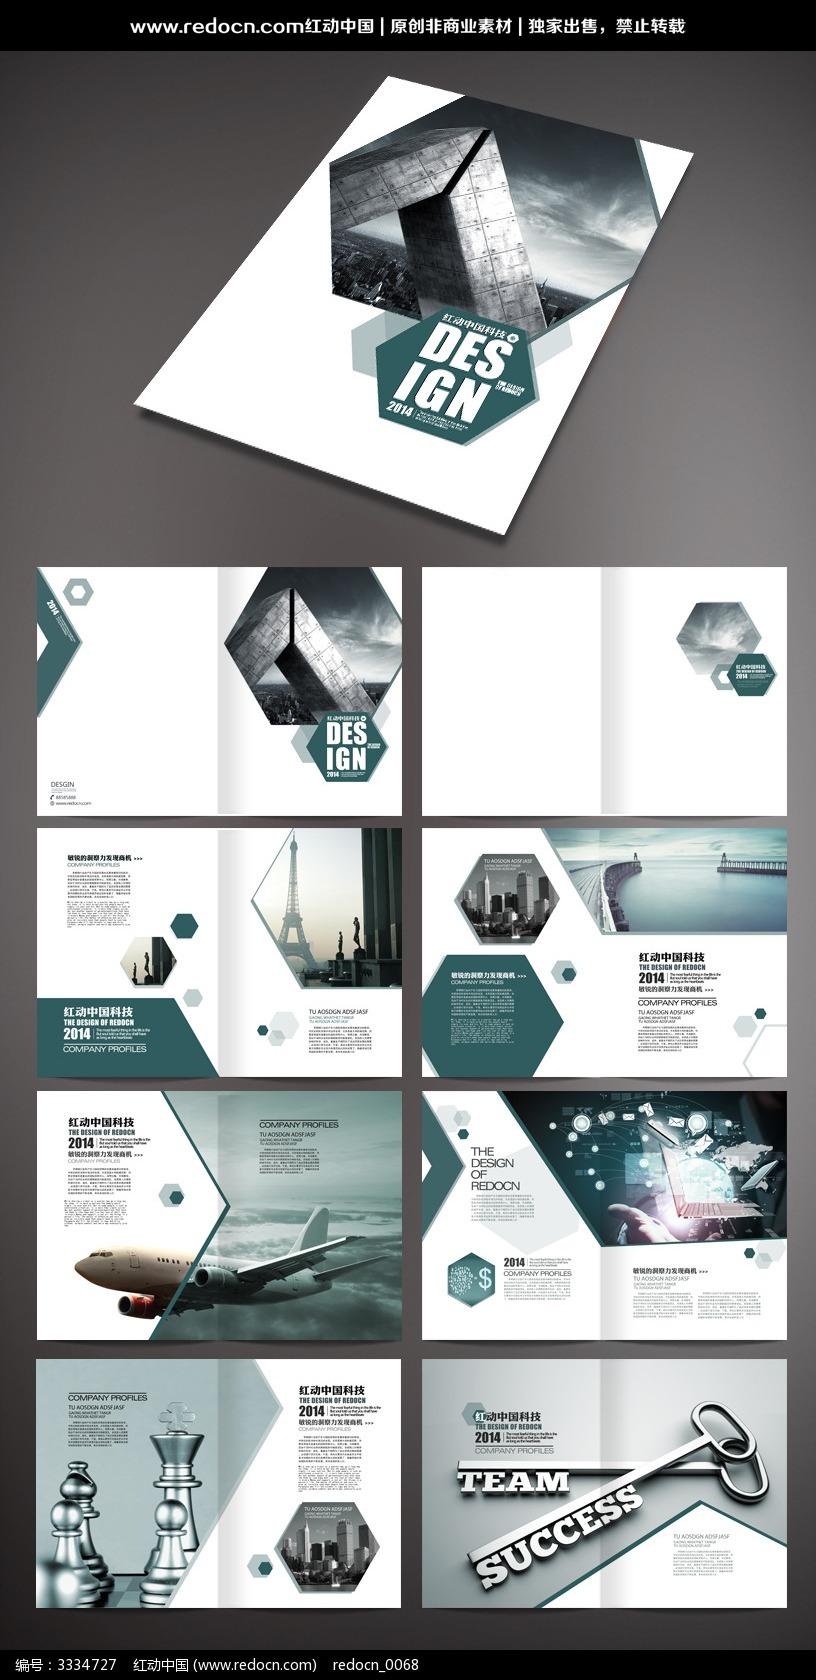 商业画册 画册设计 宣传册模板 画册板式设计 画册排版设计 宣传册图片